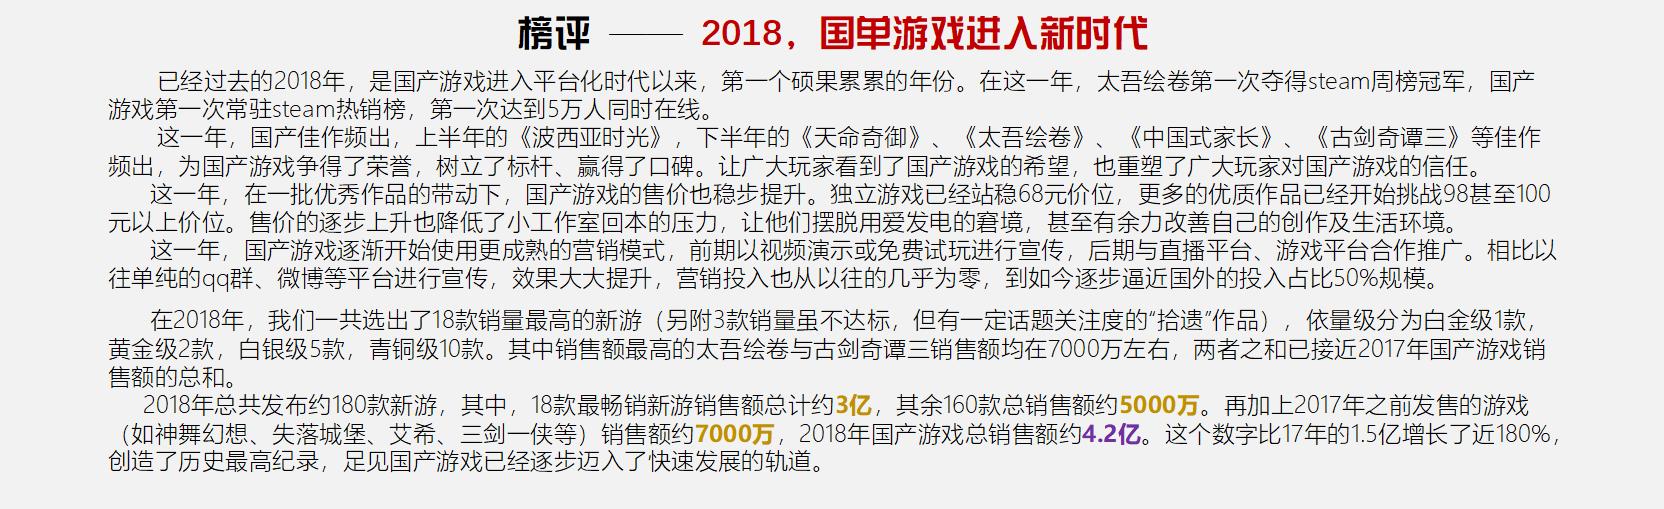 2018年国产单机游戏销售额4.2亿元 《古剑奇谭3》收入最高